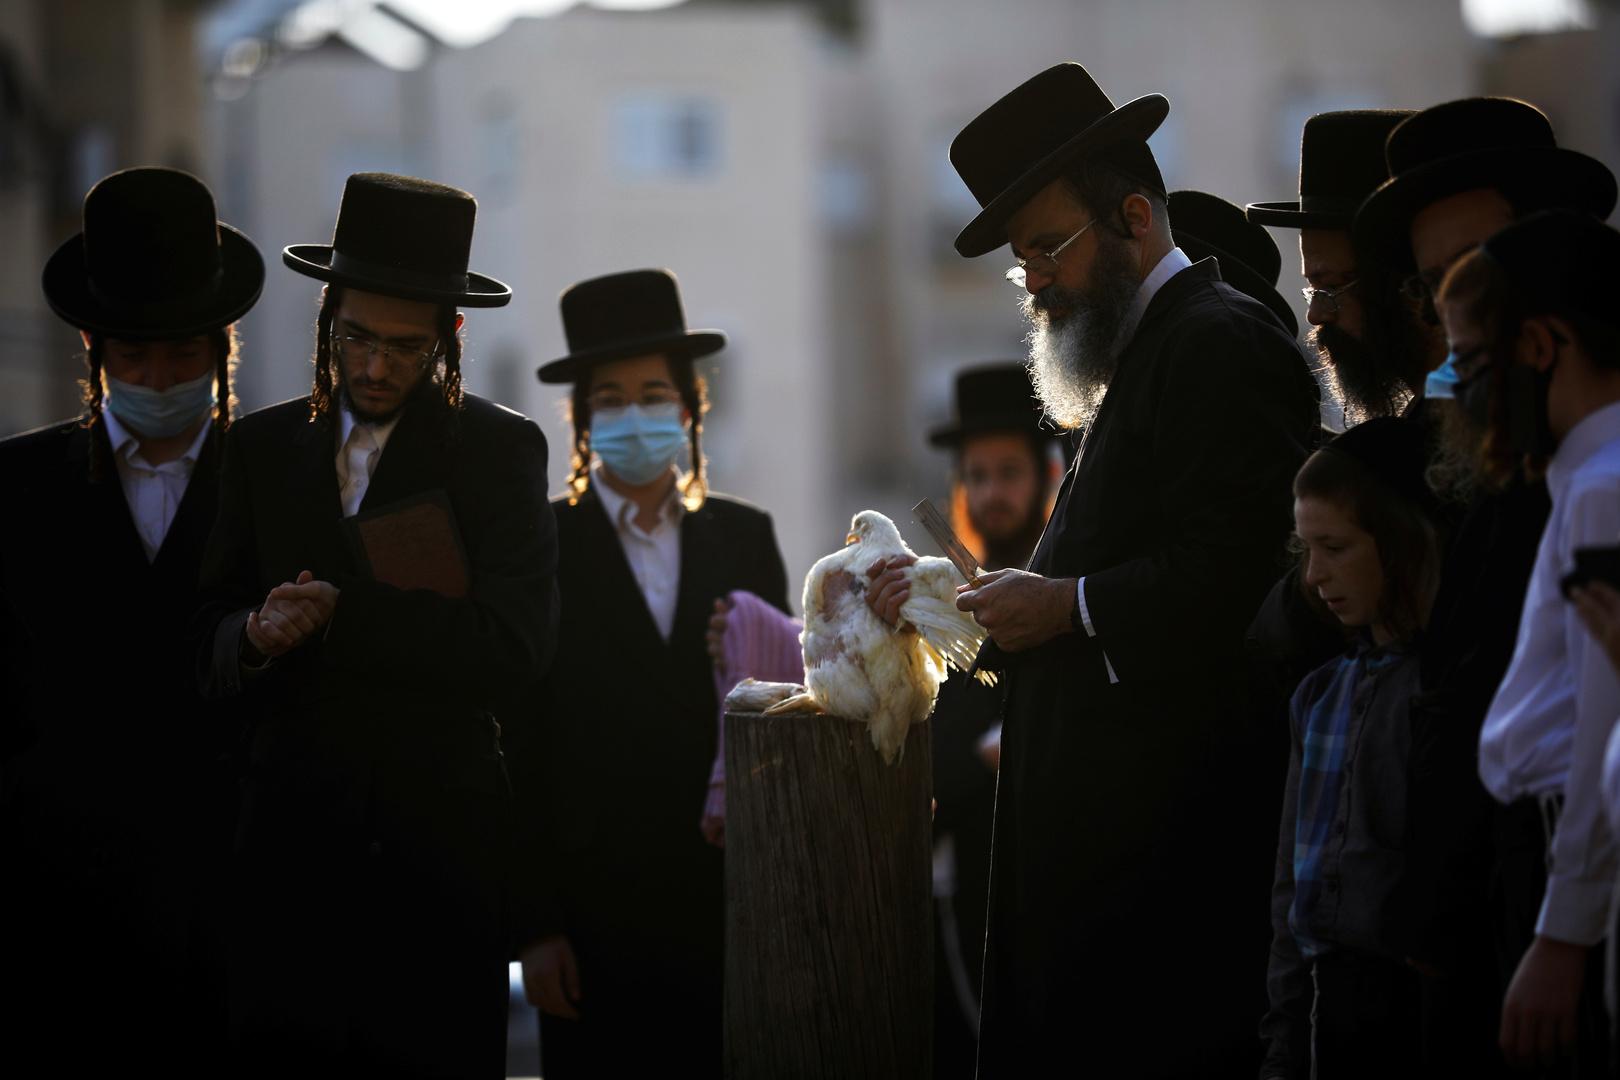 وزير العدل الإسرائيلي: العرب واليهود الحرديم سبب تفشي وباء كورونا